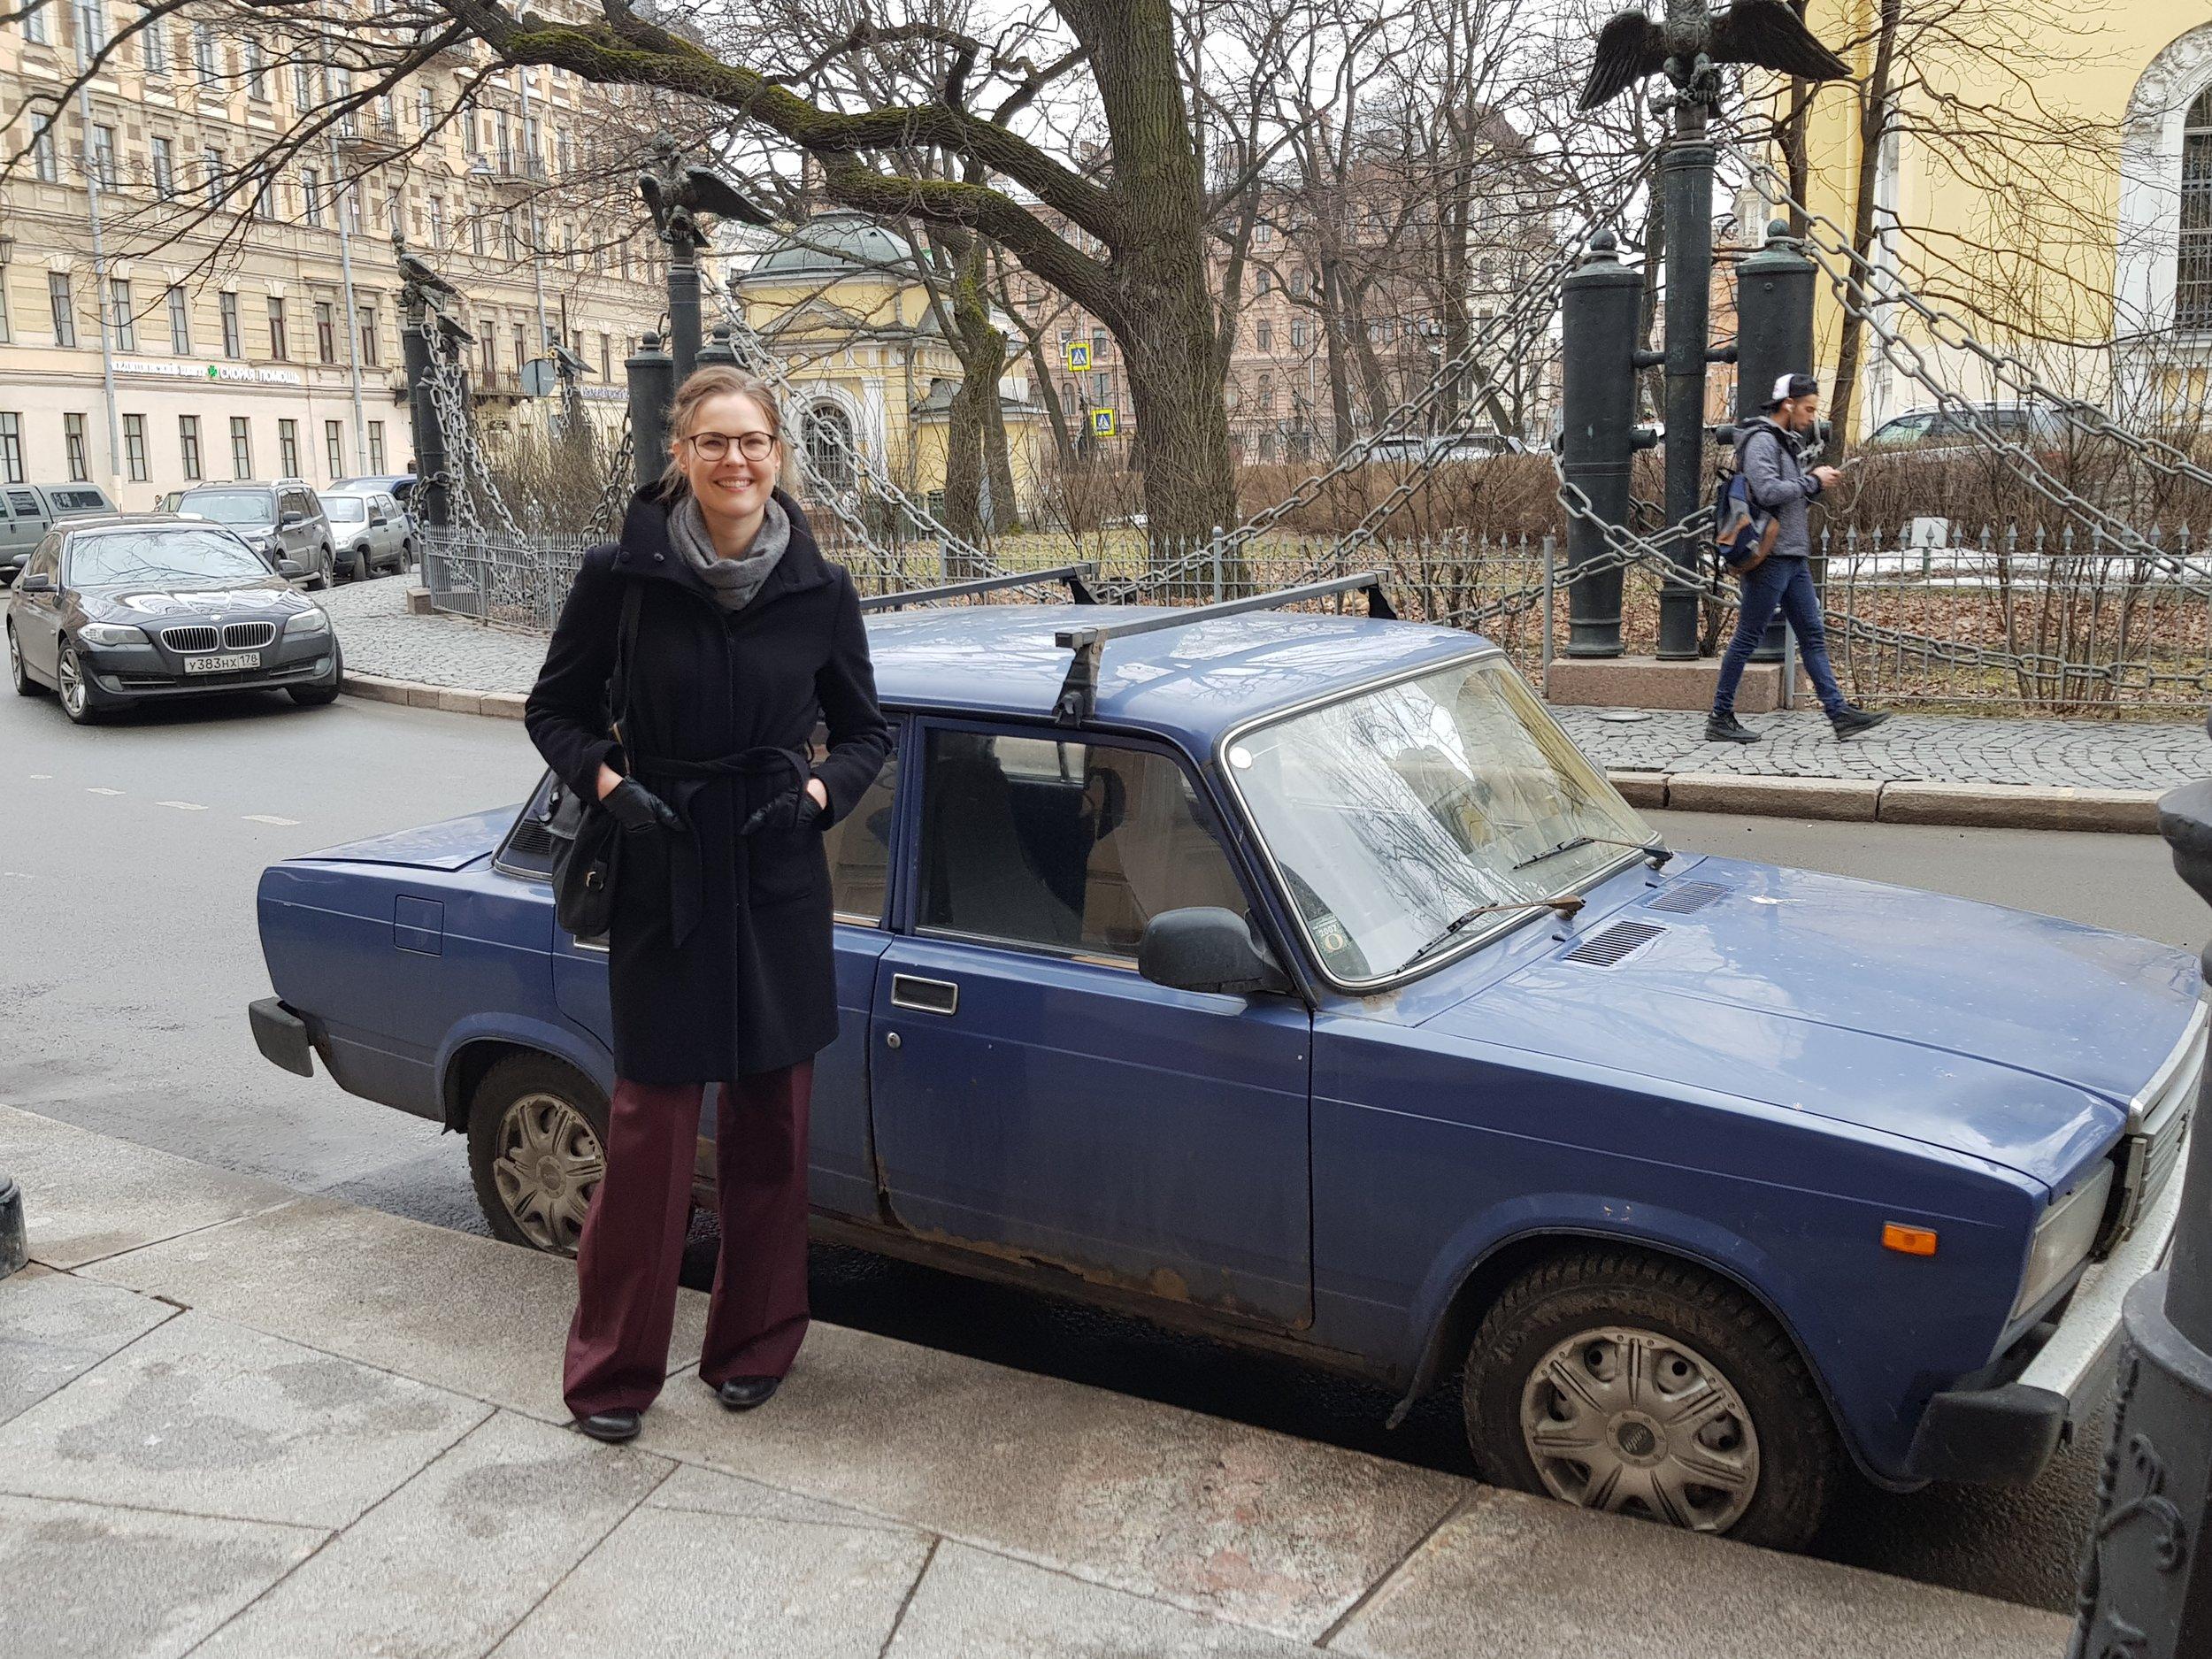 Kirjailija Tarasova reissussa taas. Taustalla Lada eli Žhiguli.